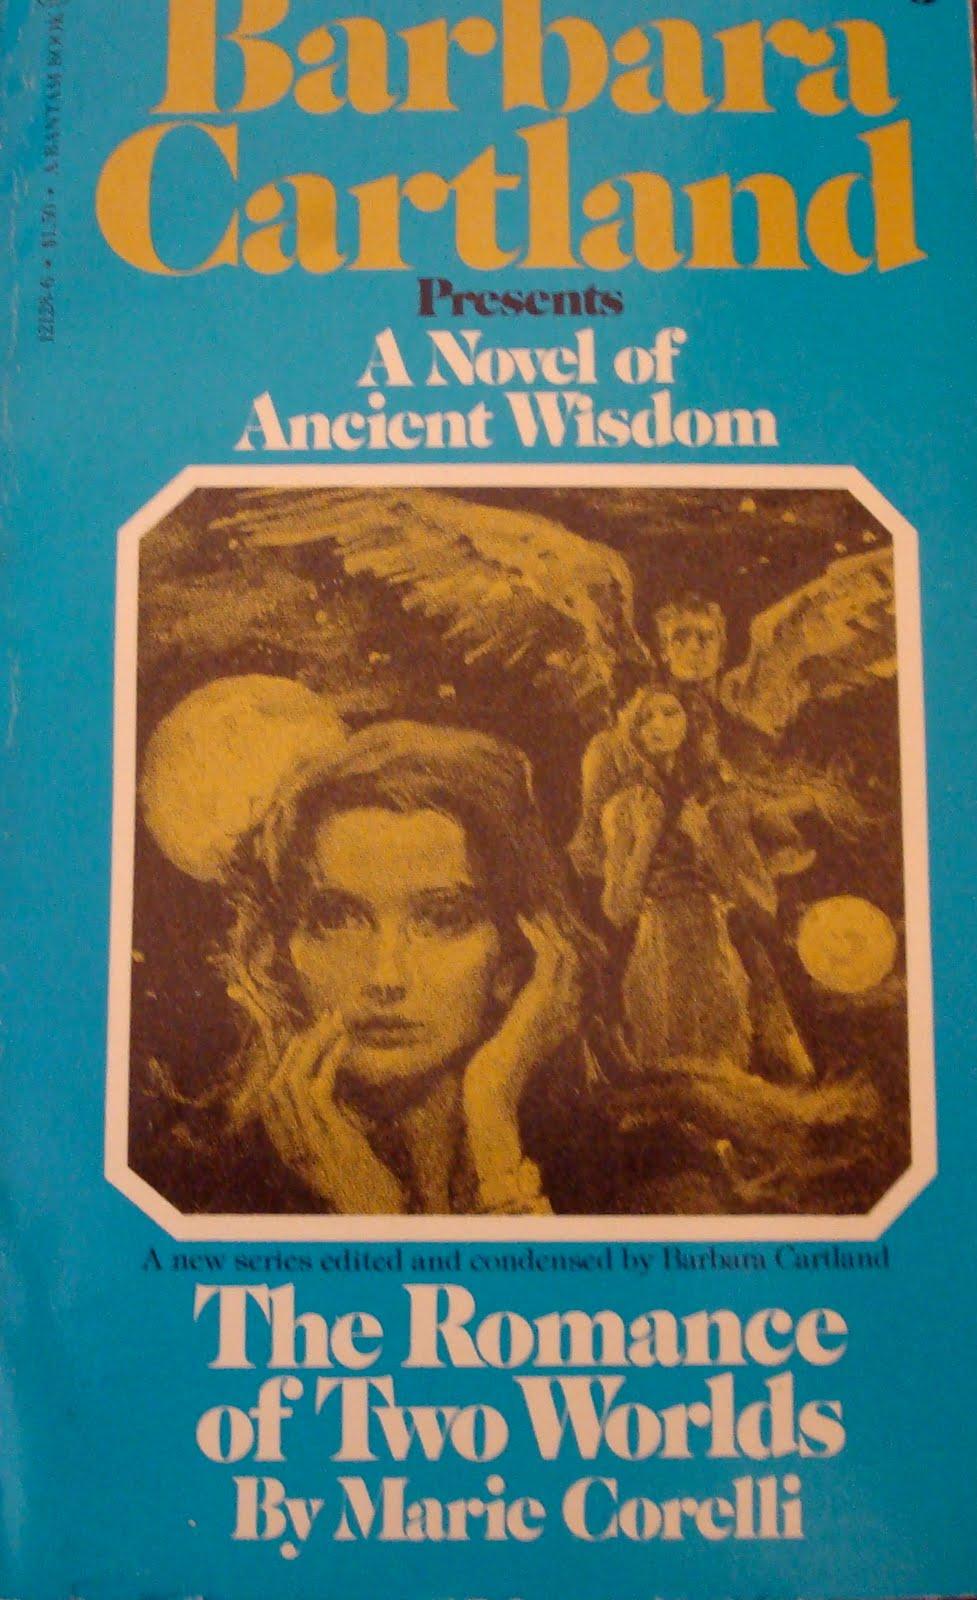 Barbara Cartland Books and Cover Art: Ancient Wisdom: The